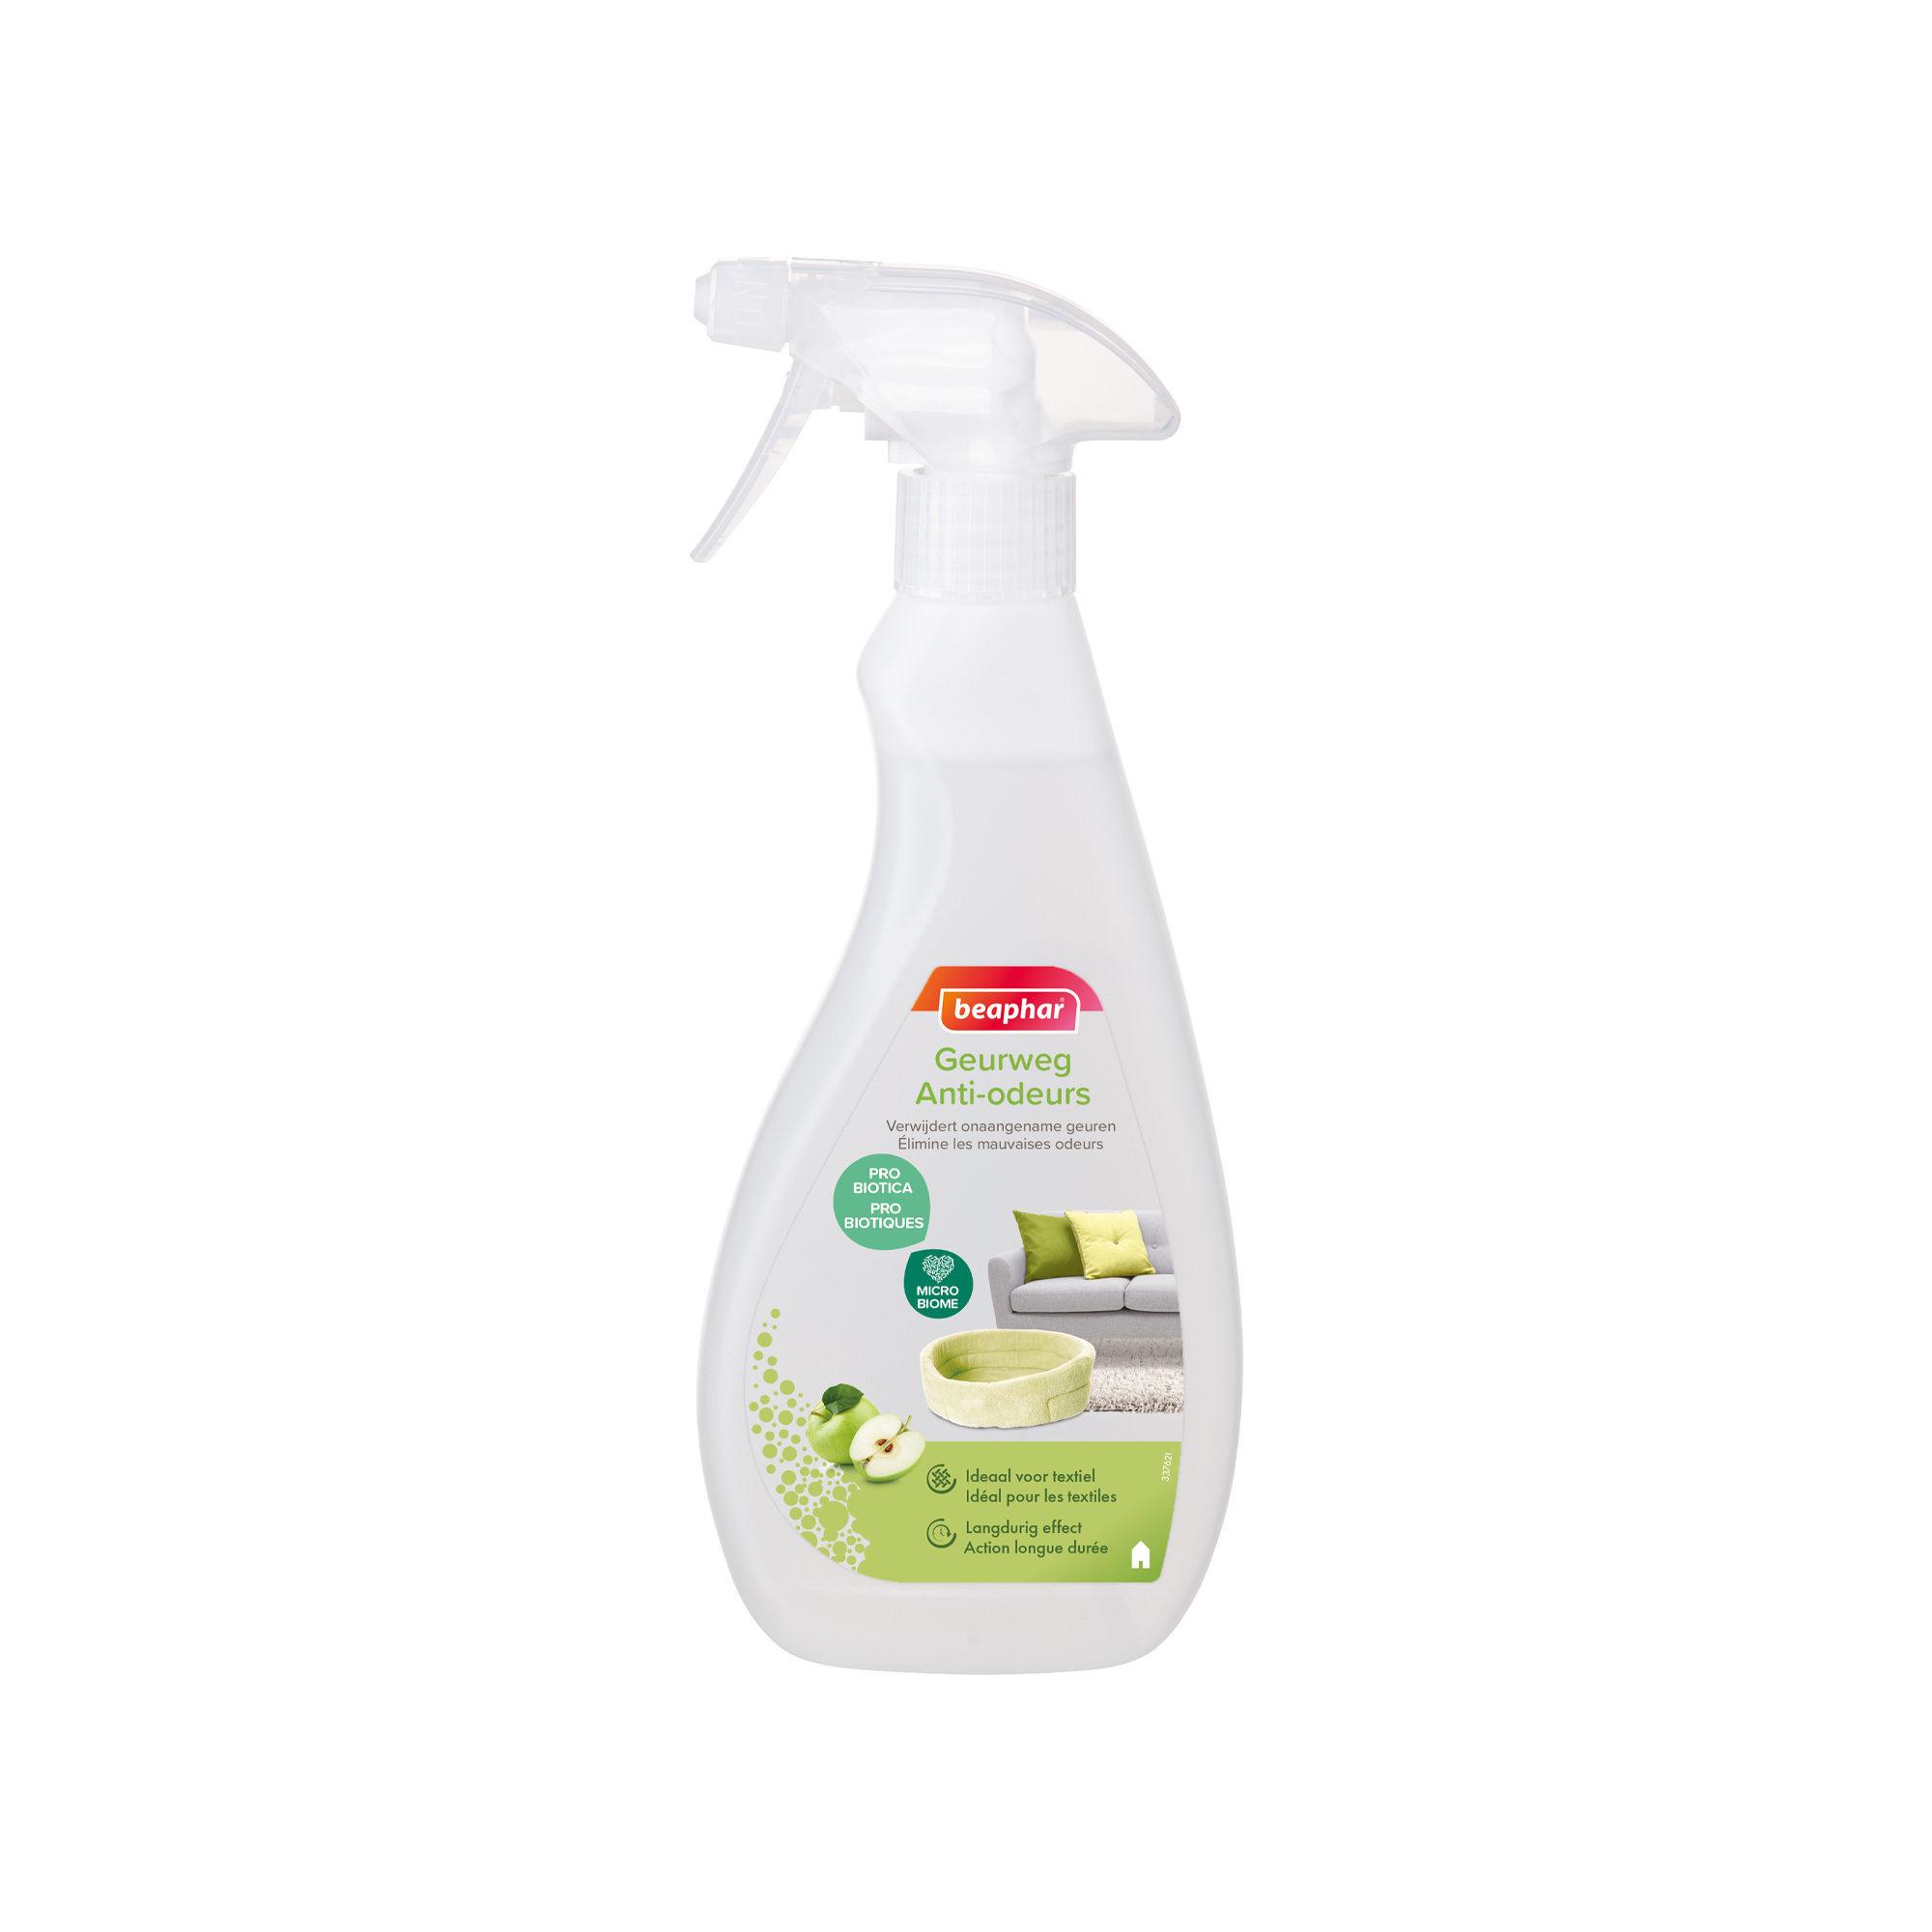 Beaphar - Anti-odeurs - 500 ml